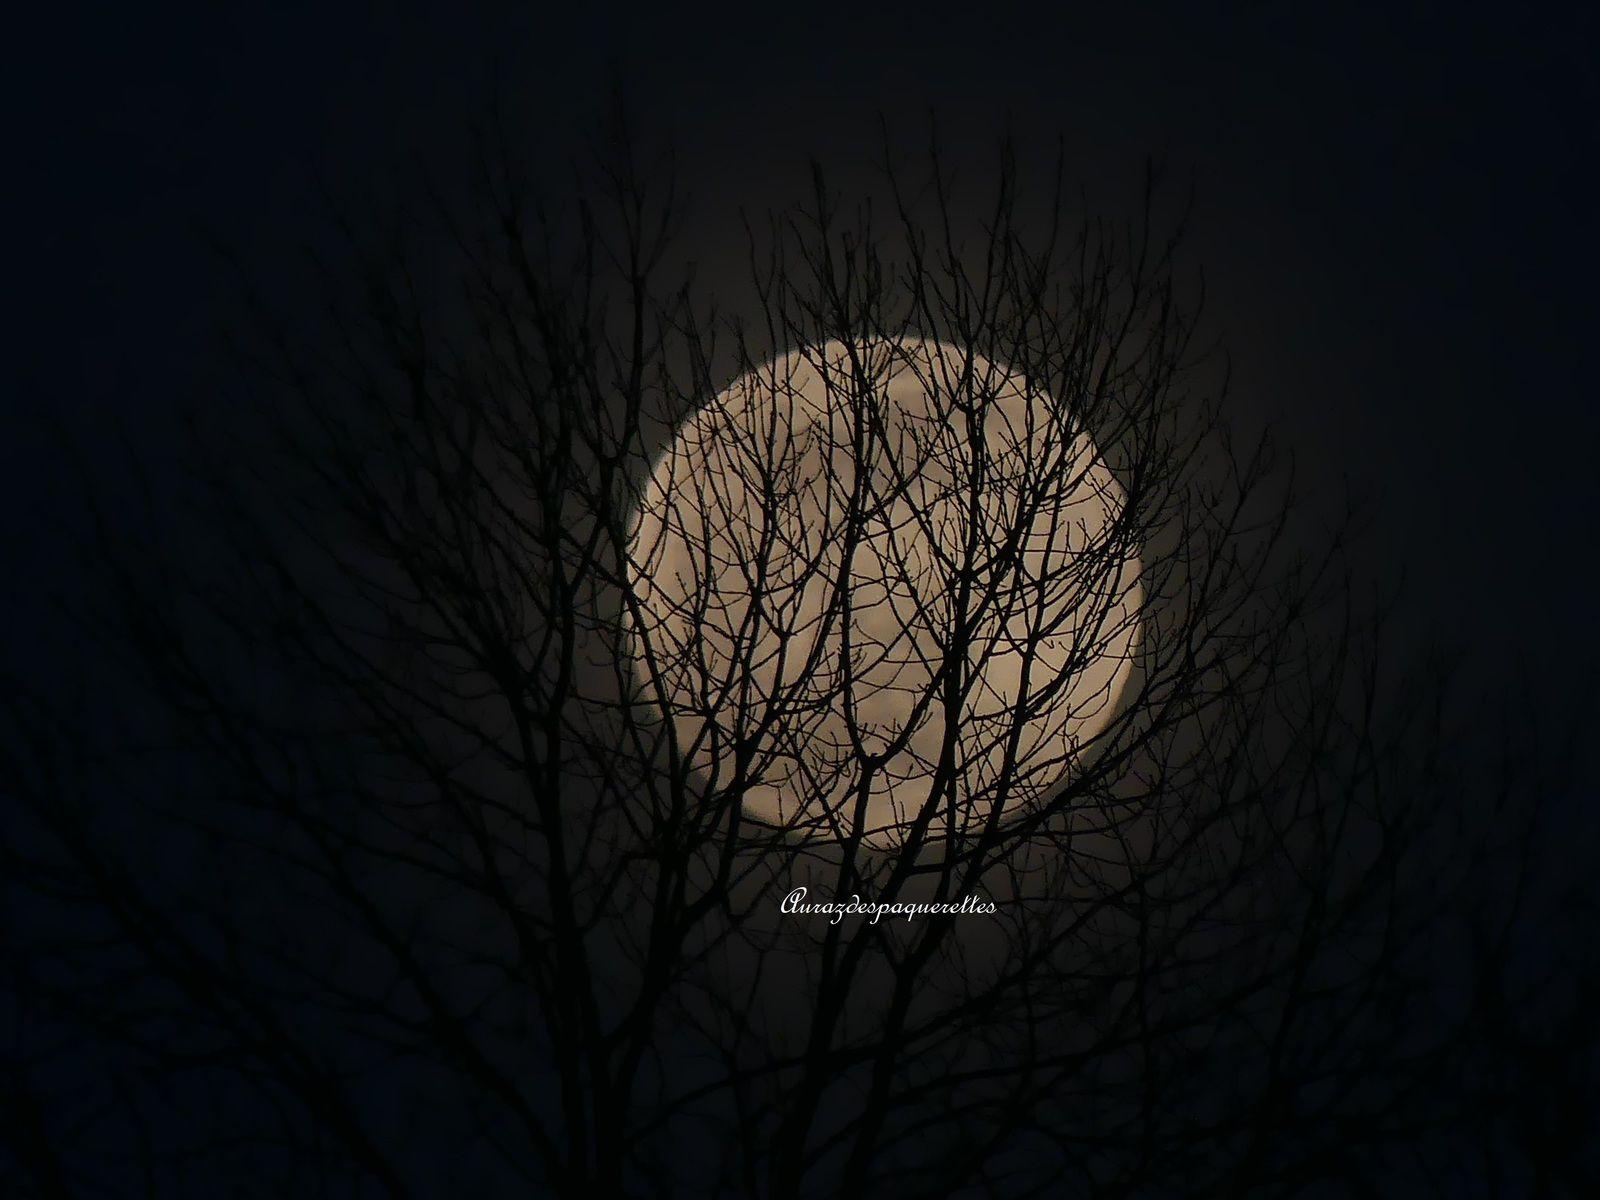 Photographie | Super Pleine Lune 09 Mars 2020